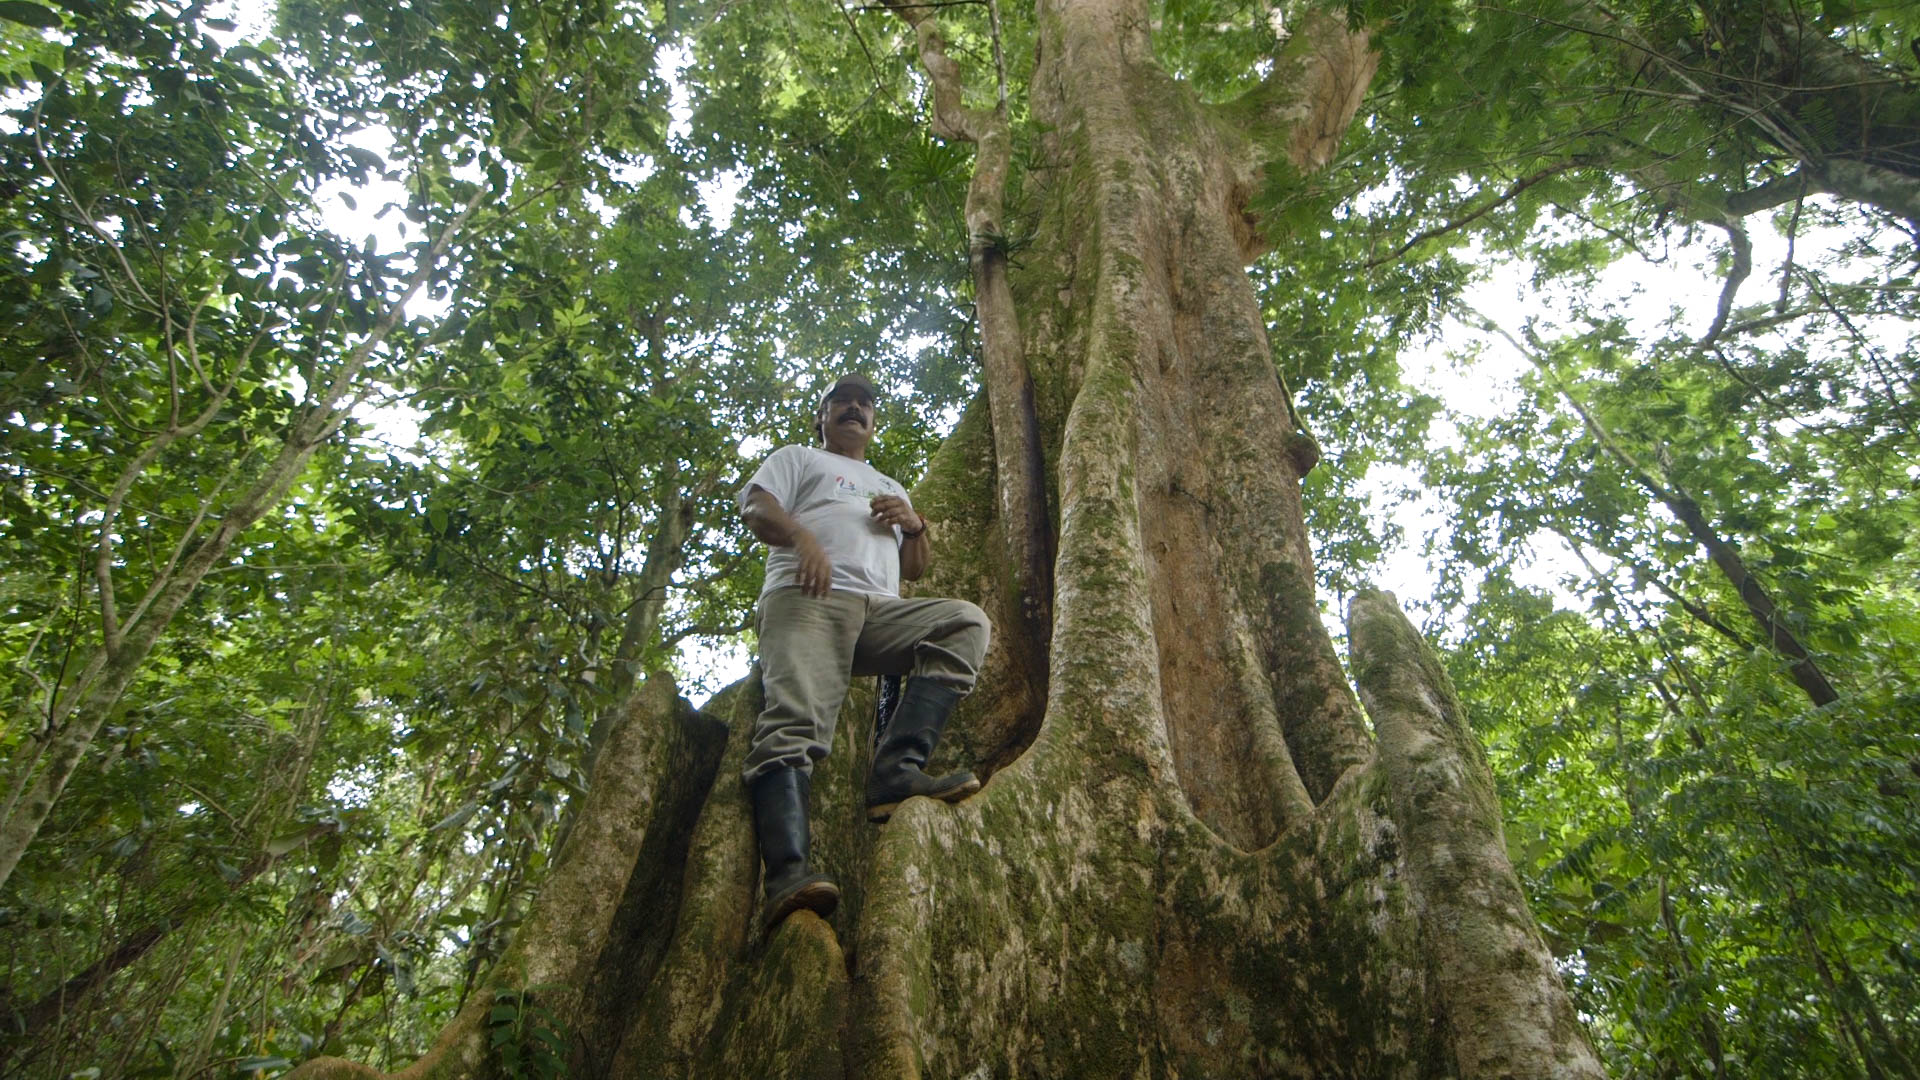 Tito, Singing in an Ebo tree - video still, Tom